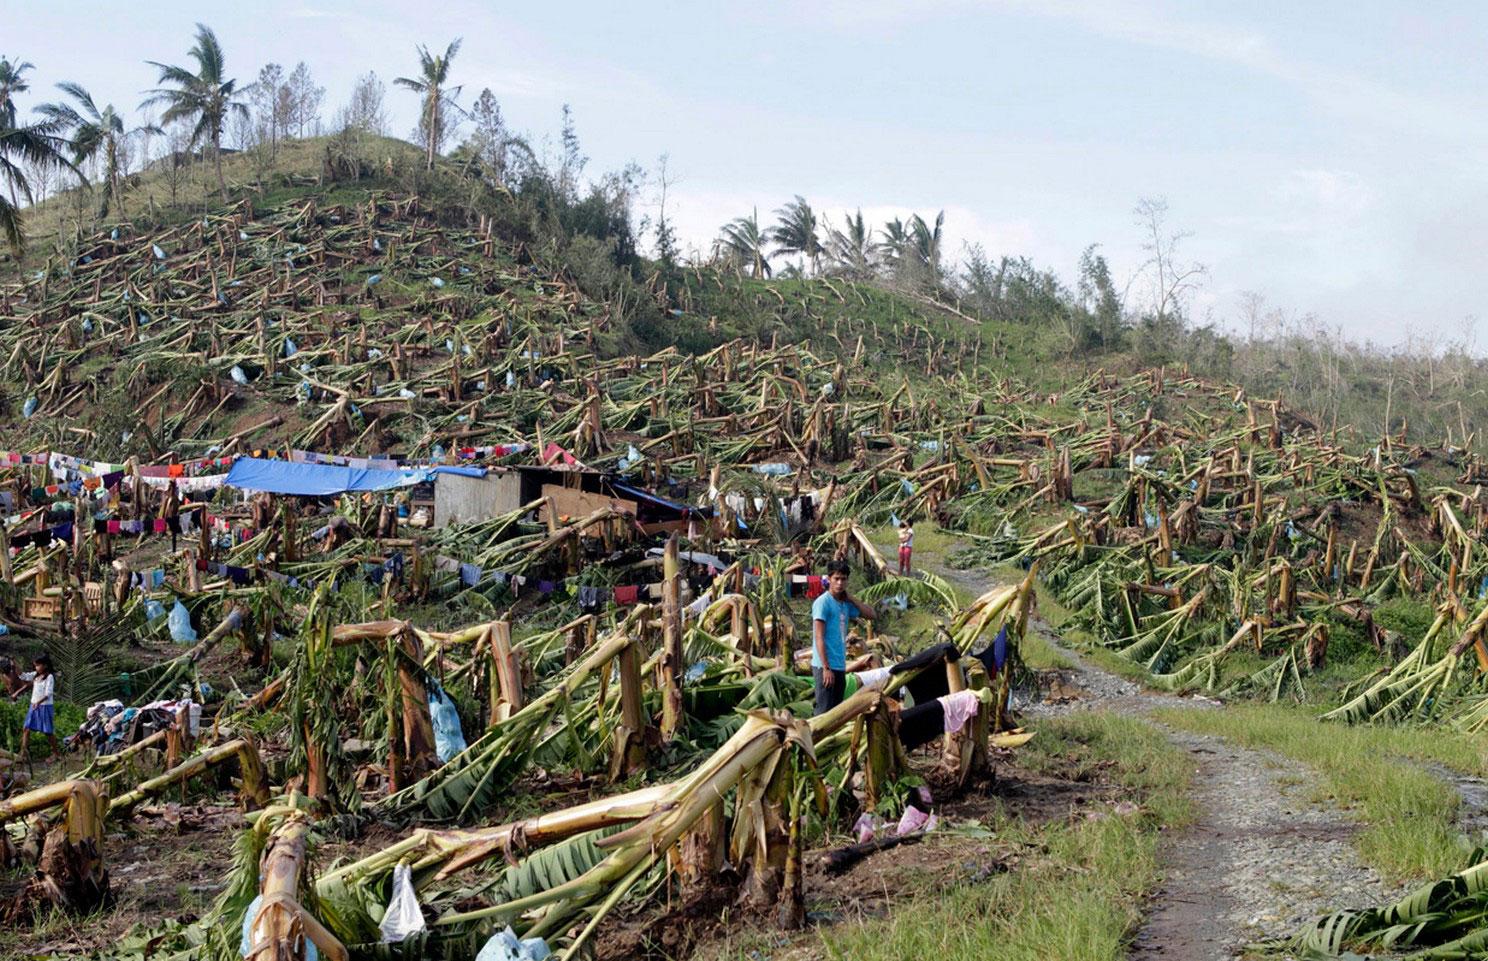 самодельные палатки на убитой банановой плантации, фото с Филиппин